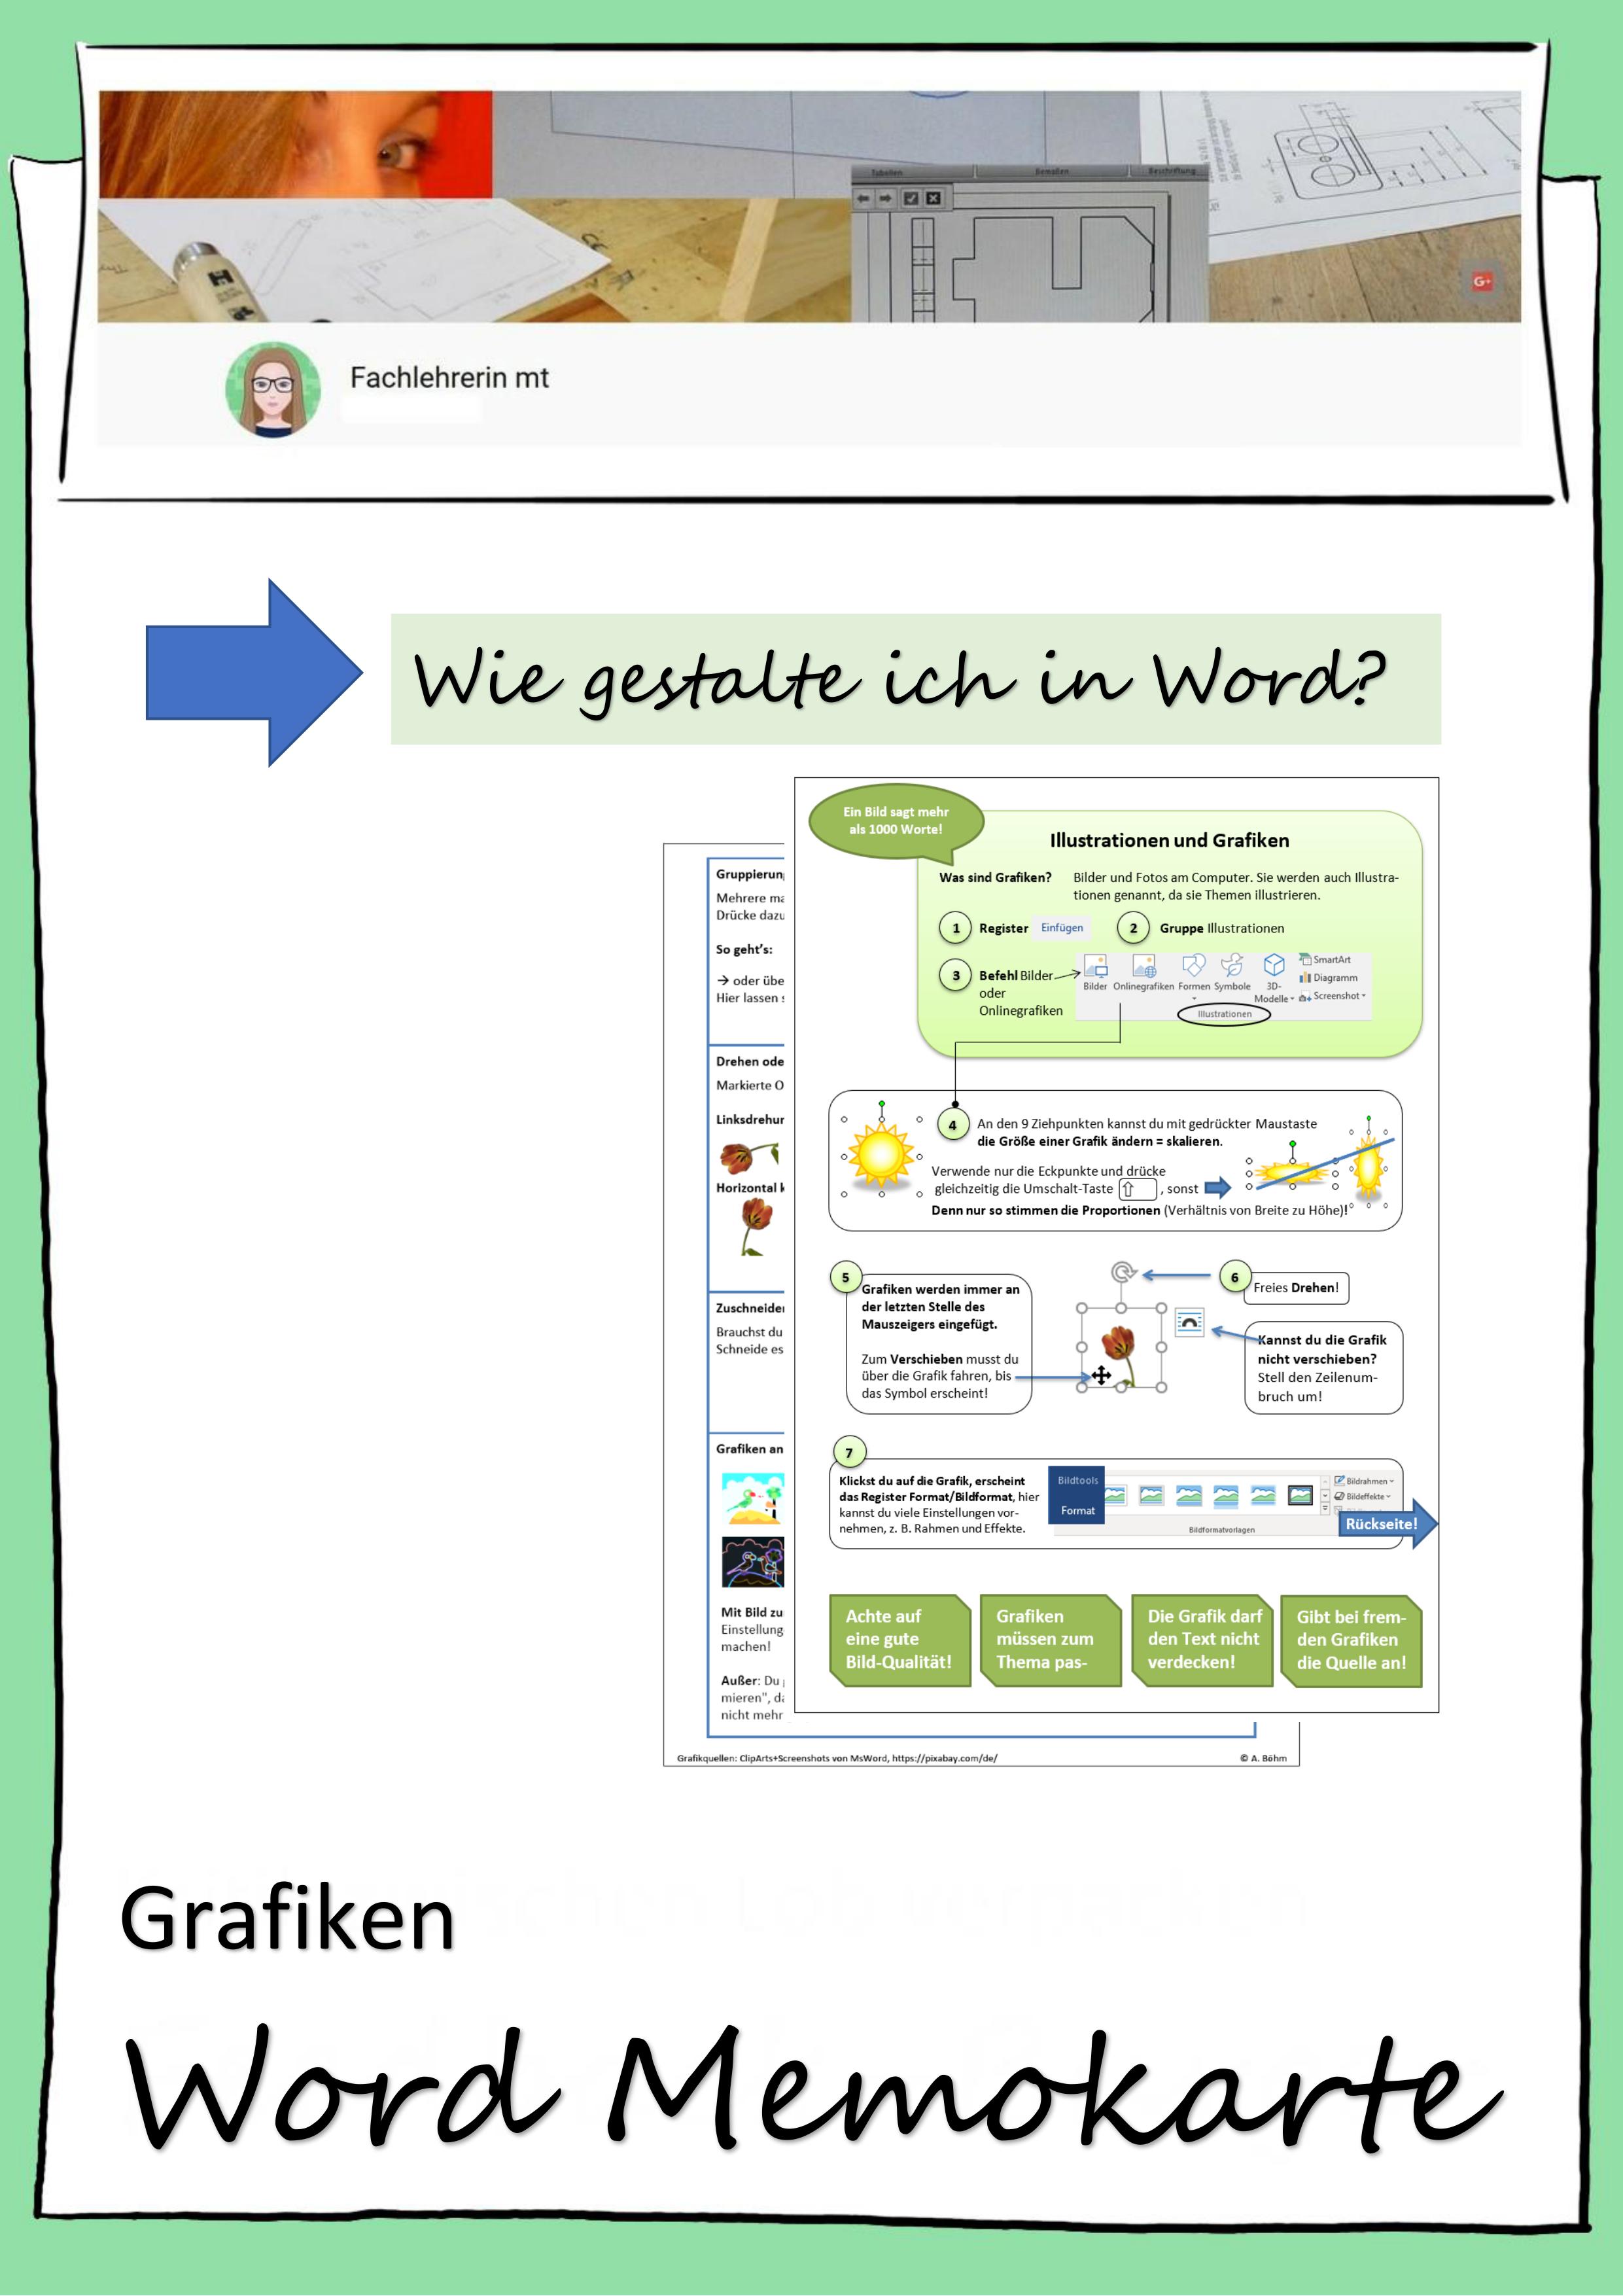 Microsoft Word Memokarte Grafiken Unterrichtsmaterial Im Fach Informatik Itg In 2020 Microsoft Word Microsoft Unterrichtsmaterial